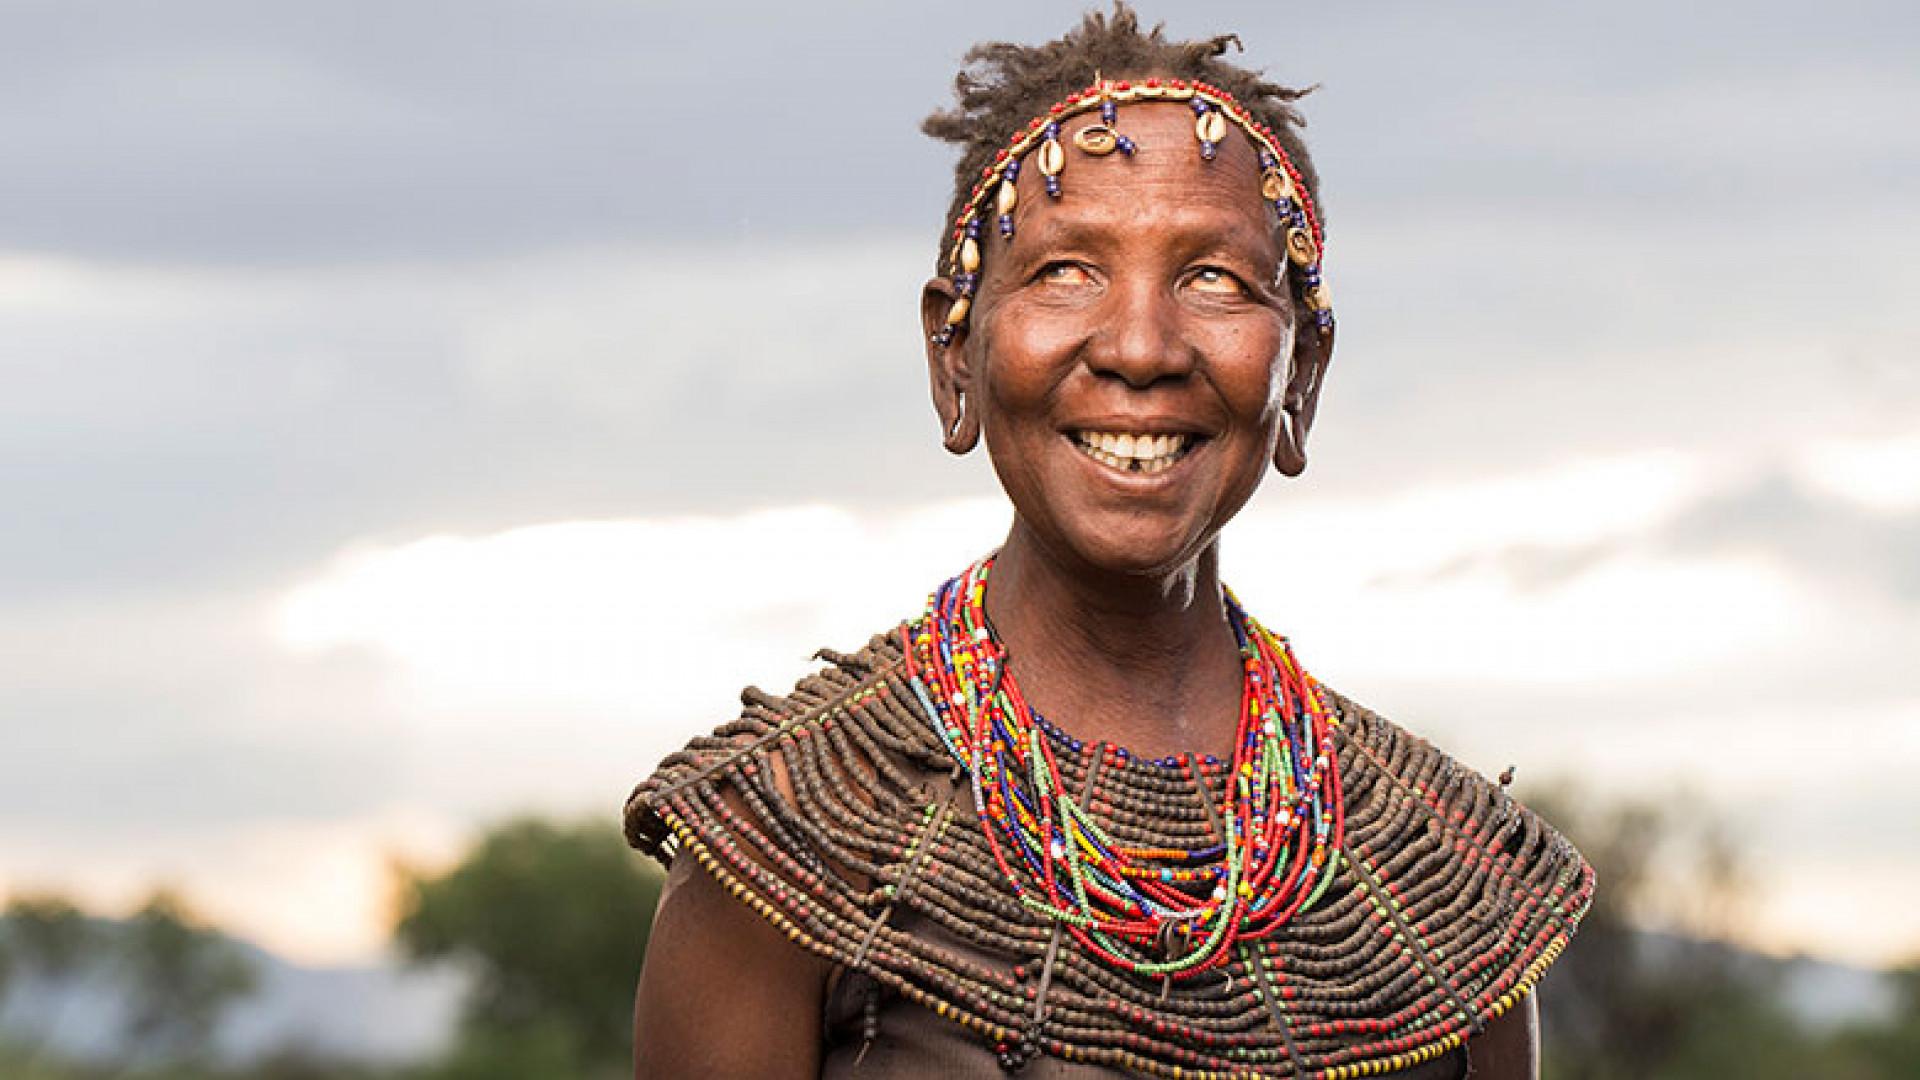 130681293221453443_Joseph-Makeni_Kenya_Shortlist_Open_Smile_2015